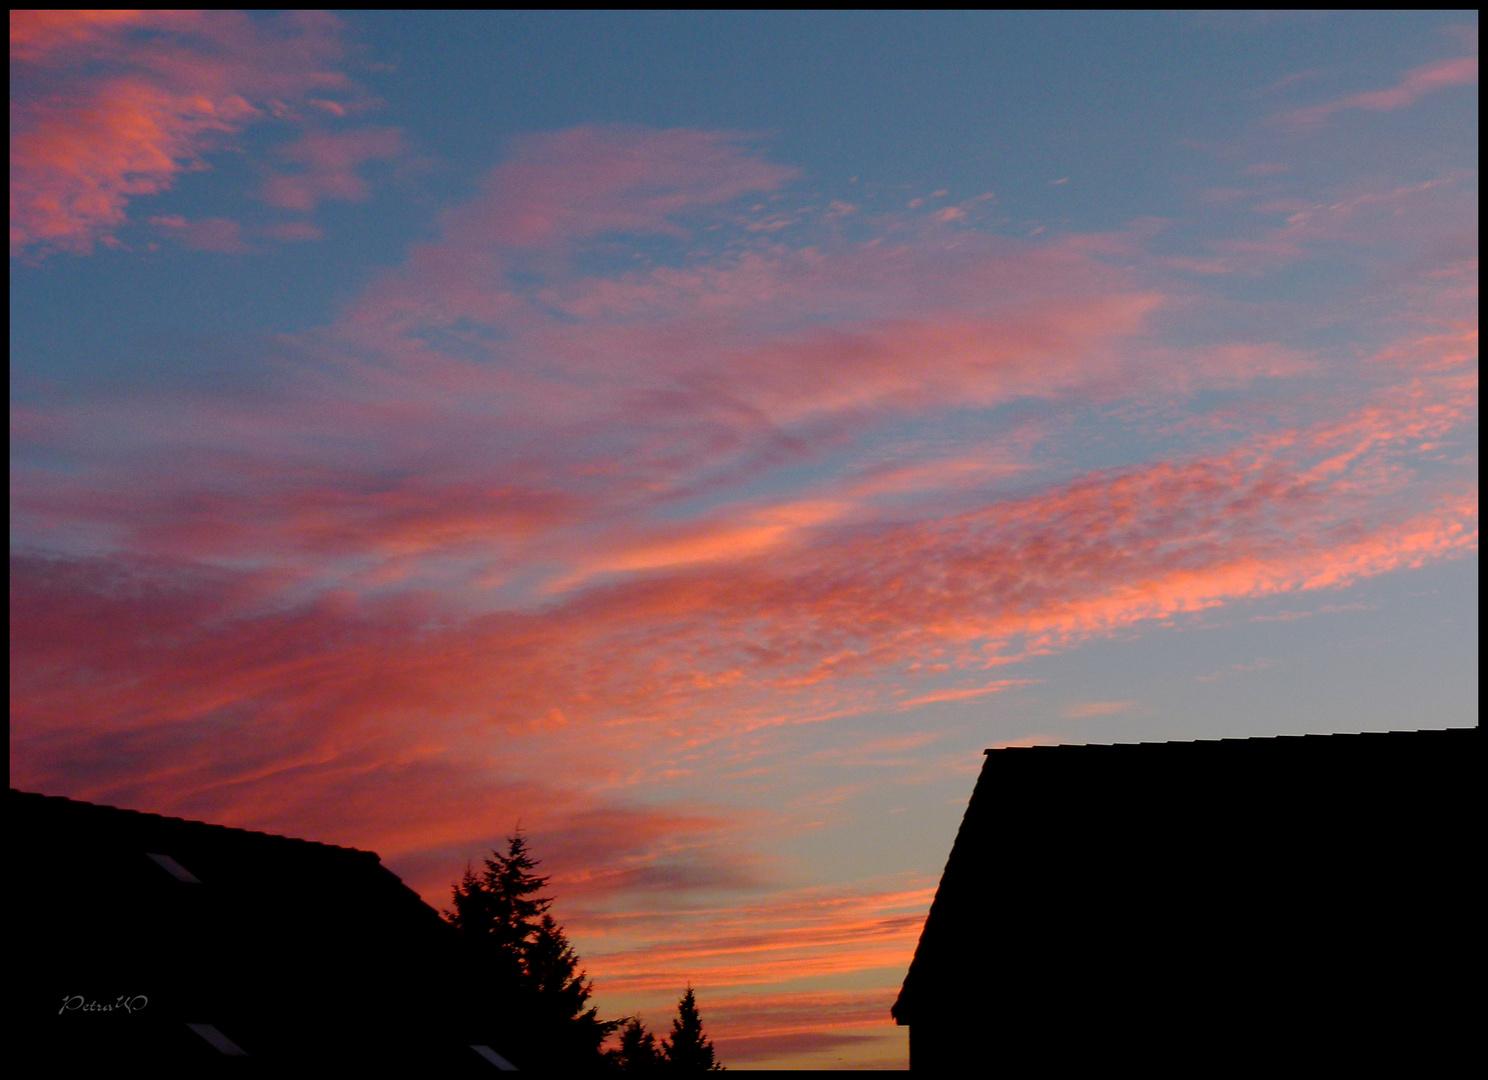 Morgenrot heute 7 Uhr